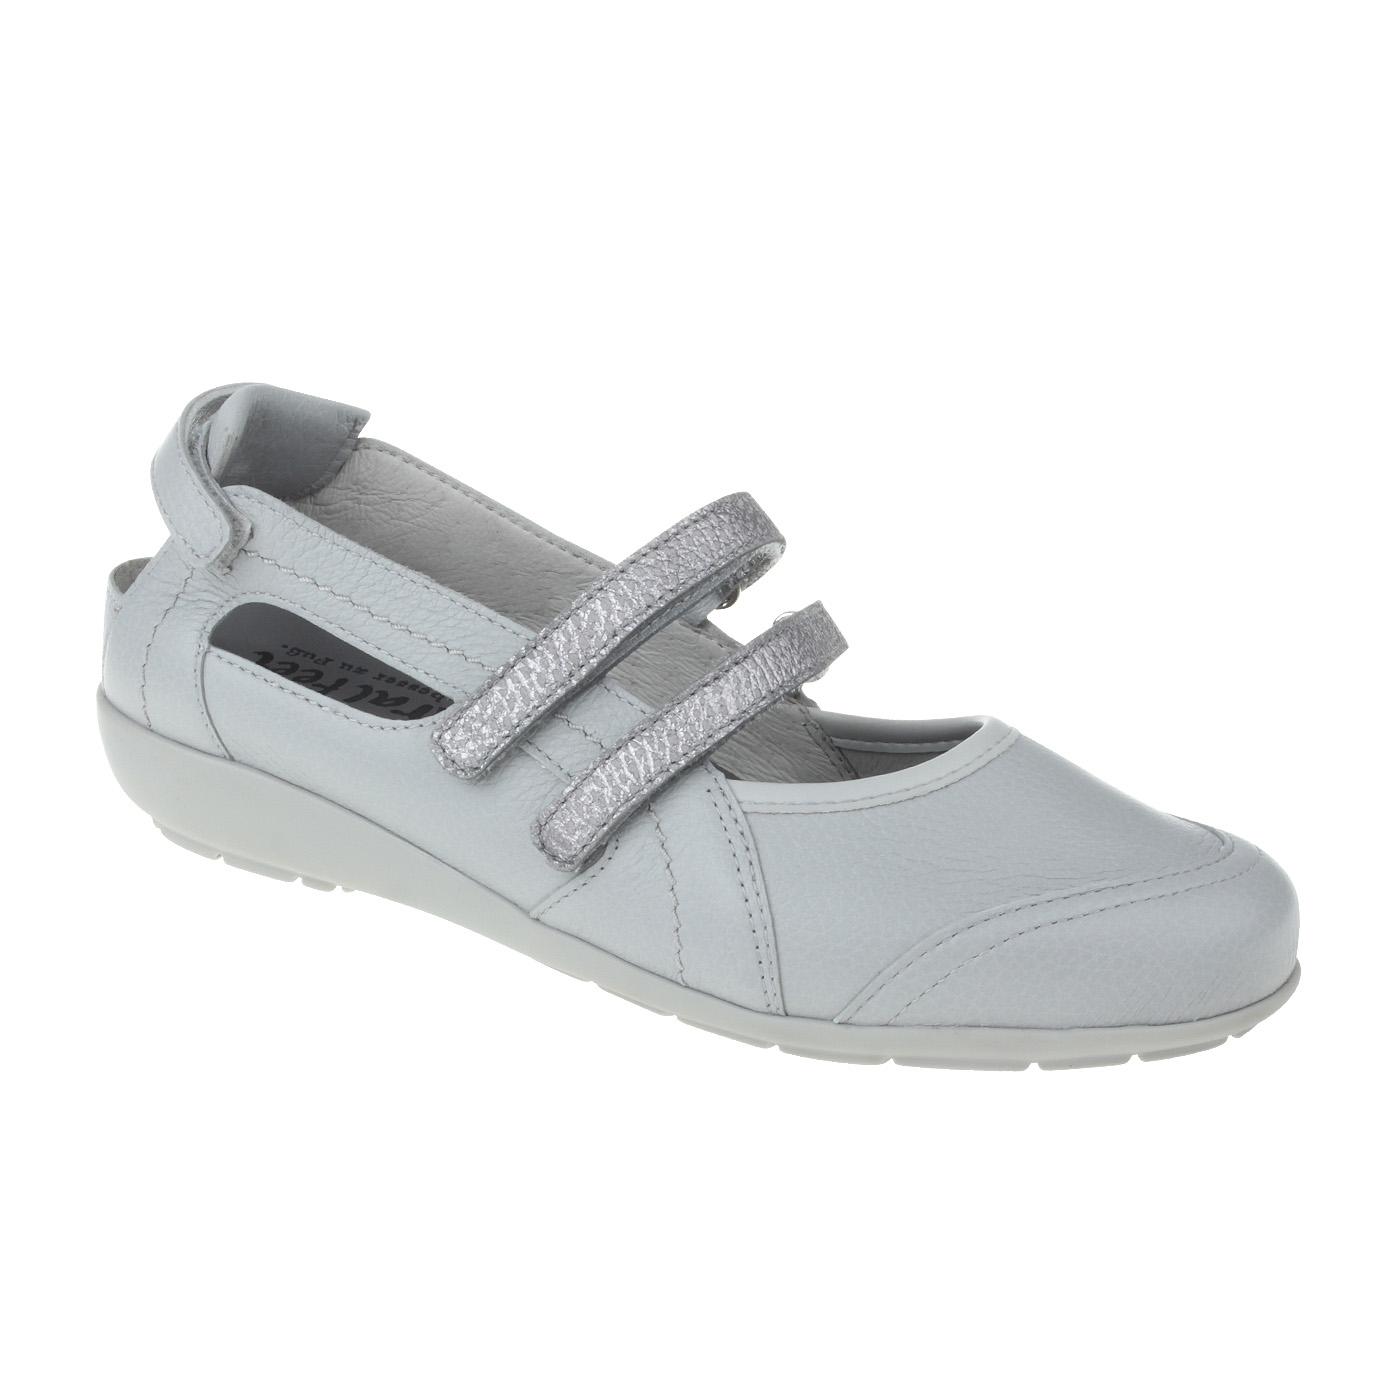 d51312743fd584 ▷ Hallux Valgus Schuhe für Damen   Herren unkompliziert bestellen ...